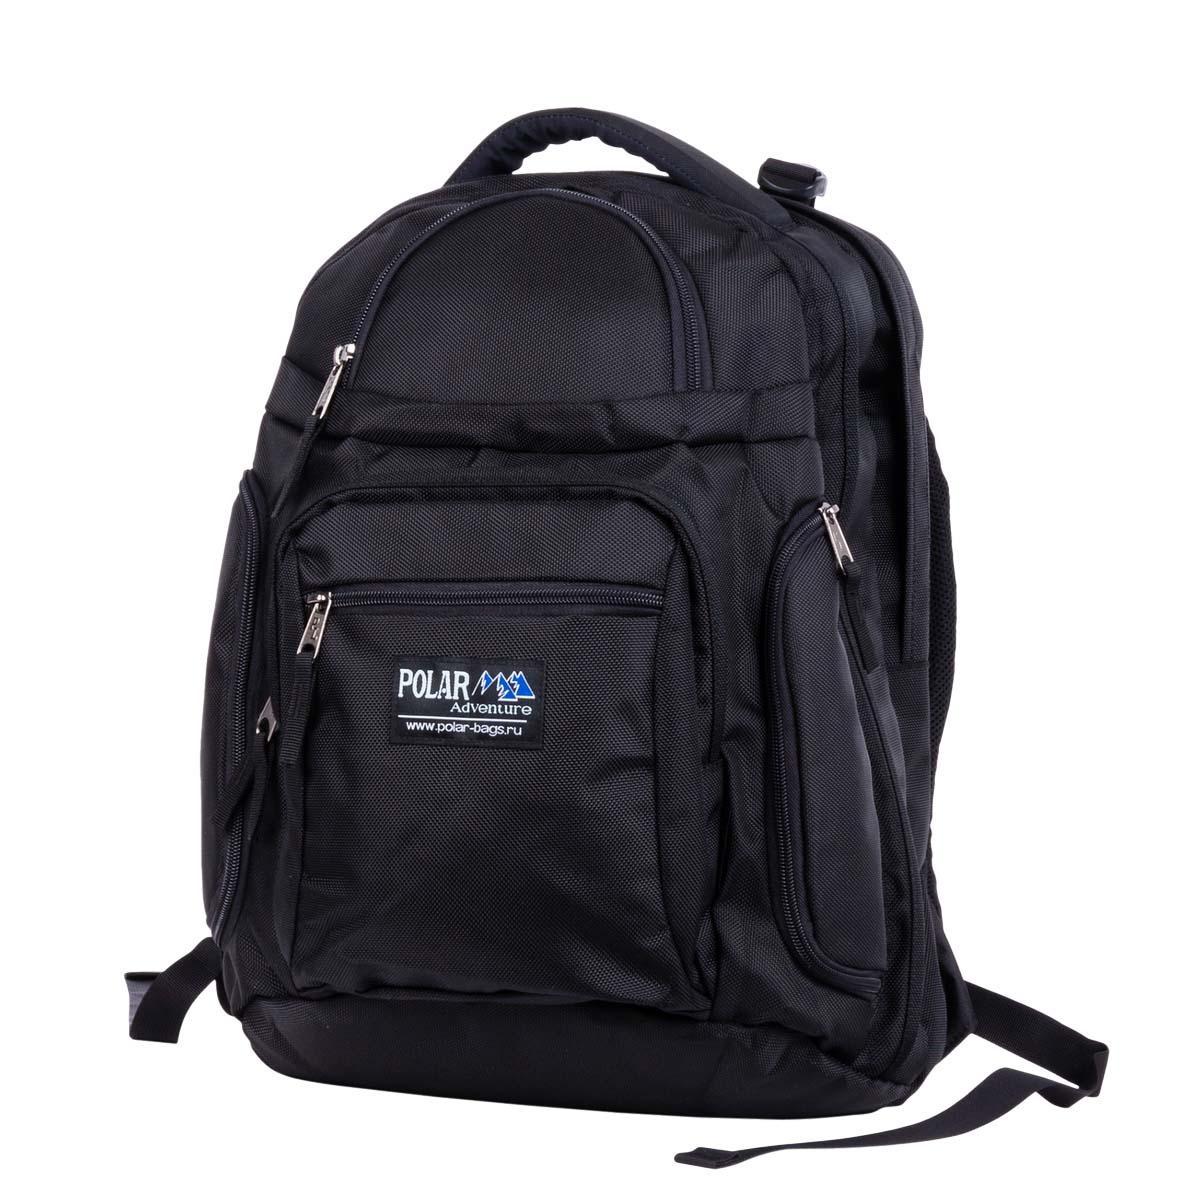 Рюкзак городской Polar, 35,5 л, цвет: черный. П1063-05D-252/1Материал – высокопрочный полиэстер с водоотталкивающей пропиткой. Недорогой рюкзак для Вашего ноутбука. Жесткая спинка с вертикальными вставками из пены и трикотажной сетки для лучшей циркуляции воздуха, удобные лямки с дополнительной поясничной стяжкой, уменьшат нагрузку на спину и сделают рюкзак очень удобным и комфортным при эксплуатации. Отделение для ноутбука с дополнительными карманами для всего самого необходимого (зарядное устройство, мышка) + отделение для рабочих документов формата А4, папок или ваших вещей. Два боковых кармана на молнии. Вместительный карман с органайзером и карабином для ключей. Два кармана на молнии для мелких предметов. Вместительный и очень удобный рюкзак позволит вам взять с собой все необходимое как для вашего портативного компьютера, так и для себя.